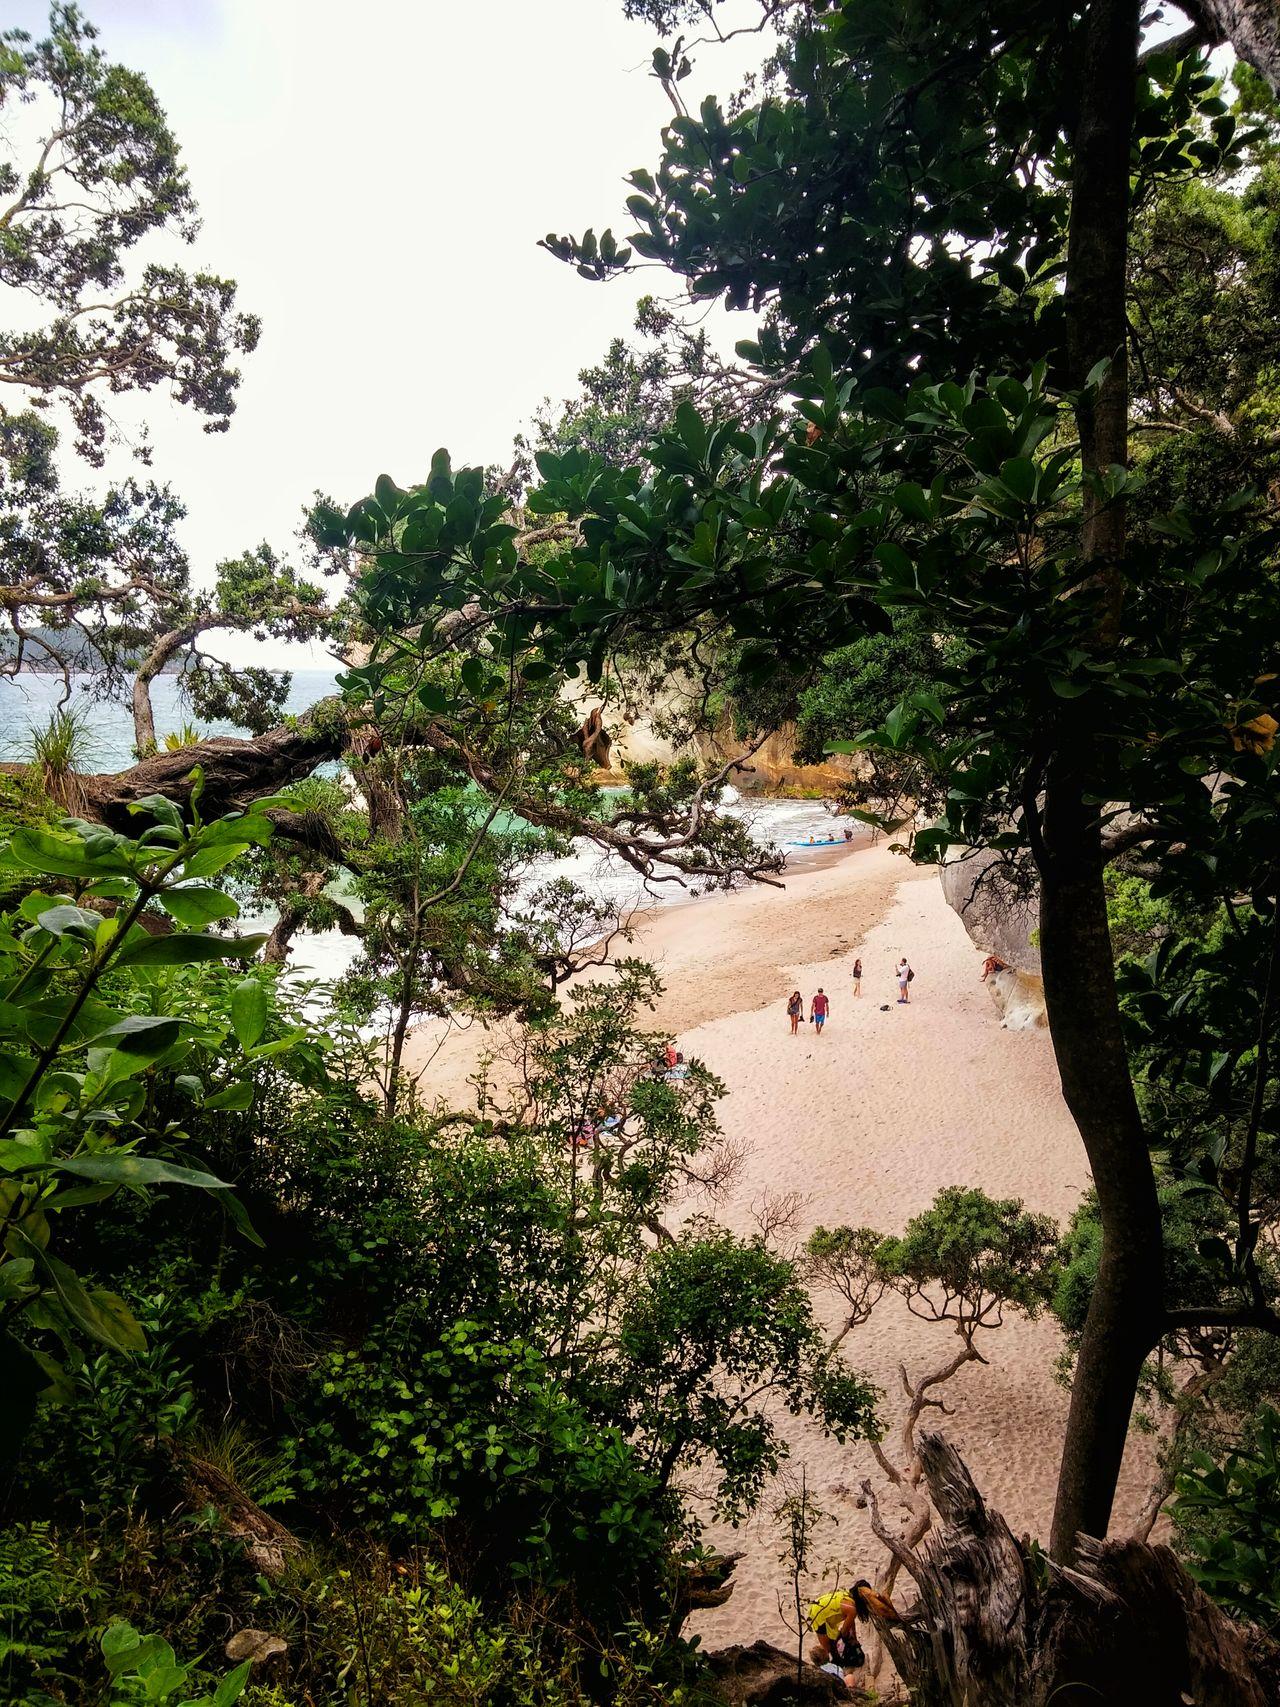 Coastal feature